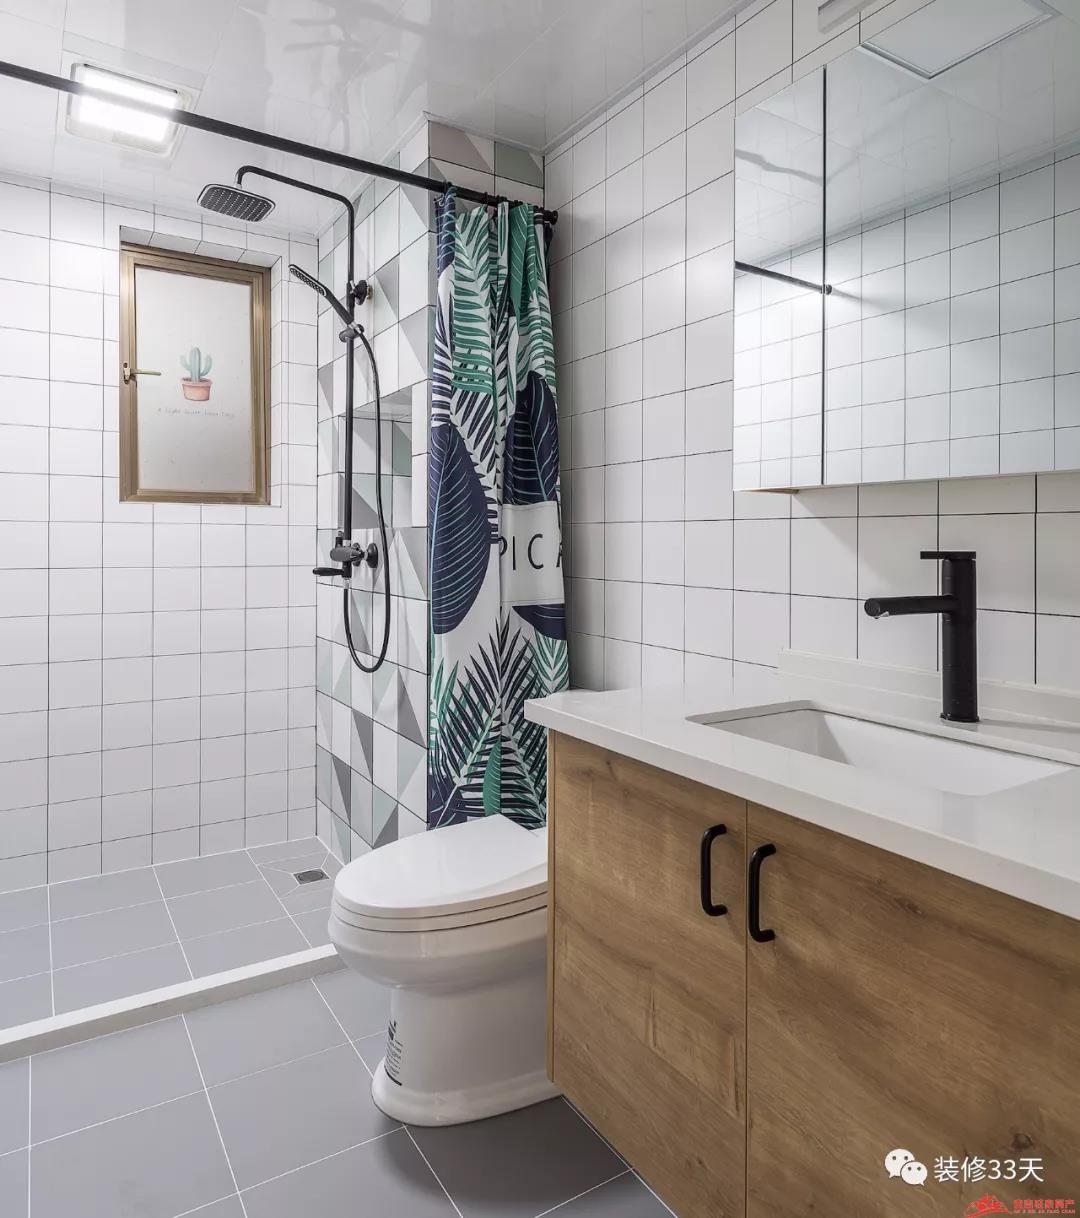 资讯 装修  玻璃淋浴和浴帘之争,就好比『甜粽子』和『咸粽子』之争